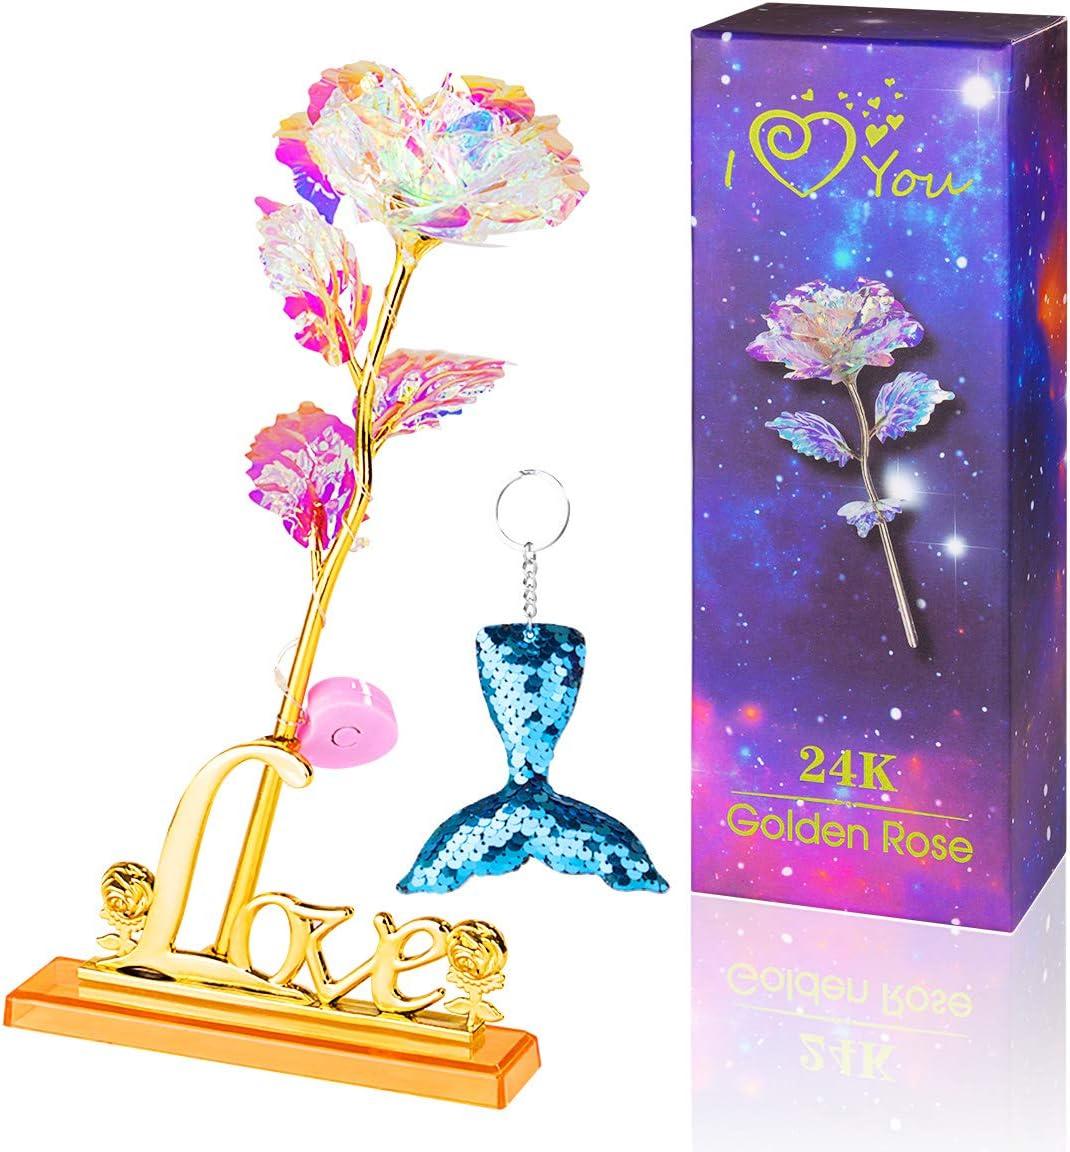 ANBET Flor Brillante Rosa Artificial de Papel de Oro de 24 Quilates con luz LED, Soporte Transparente y Caja de Regalo románticos para el día de Valenine, el Día de la Madre, Cumpleaños